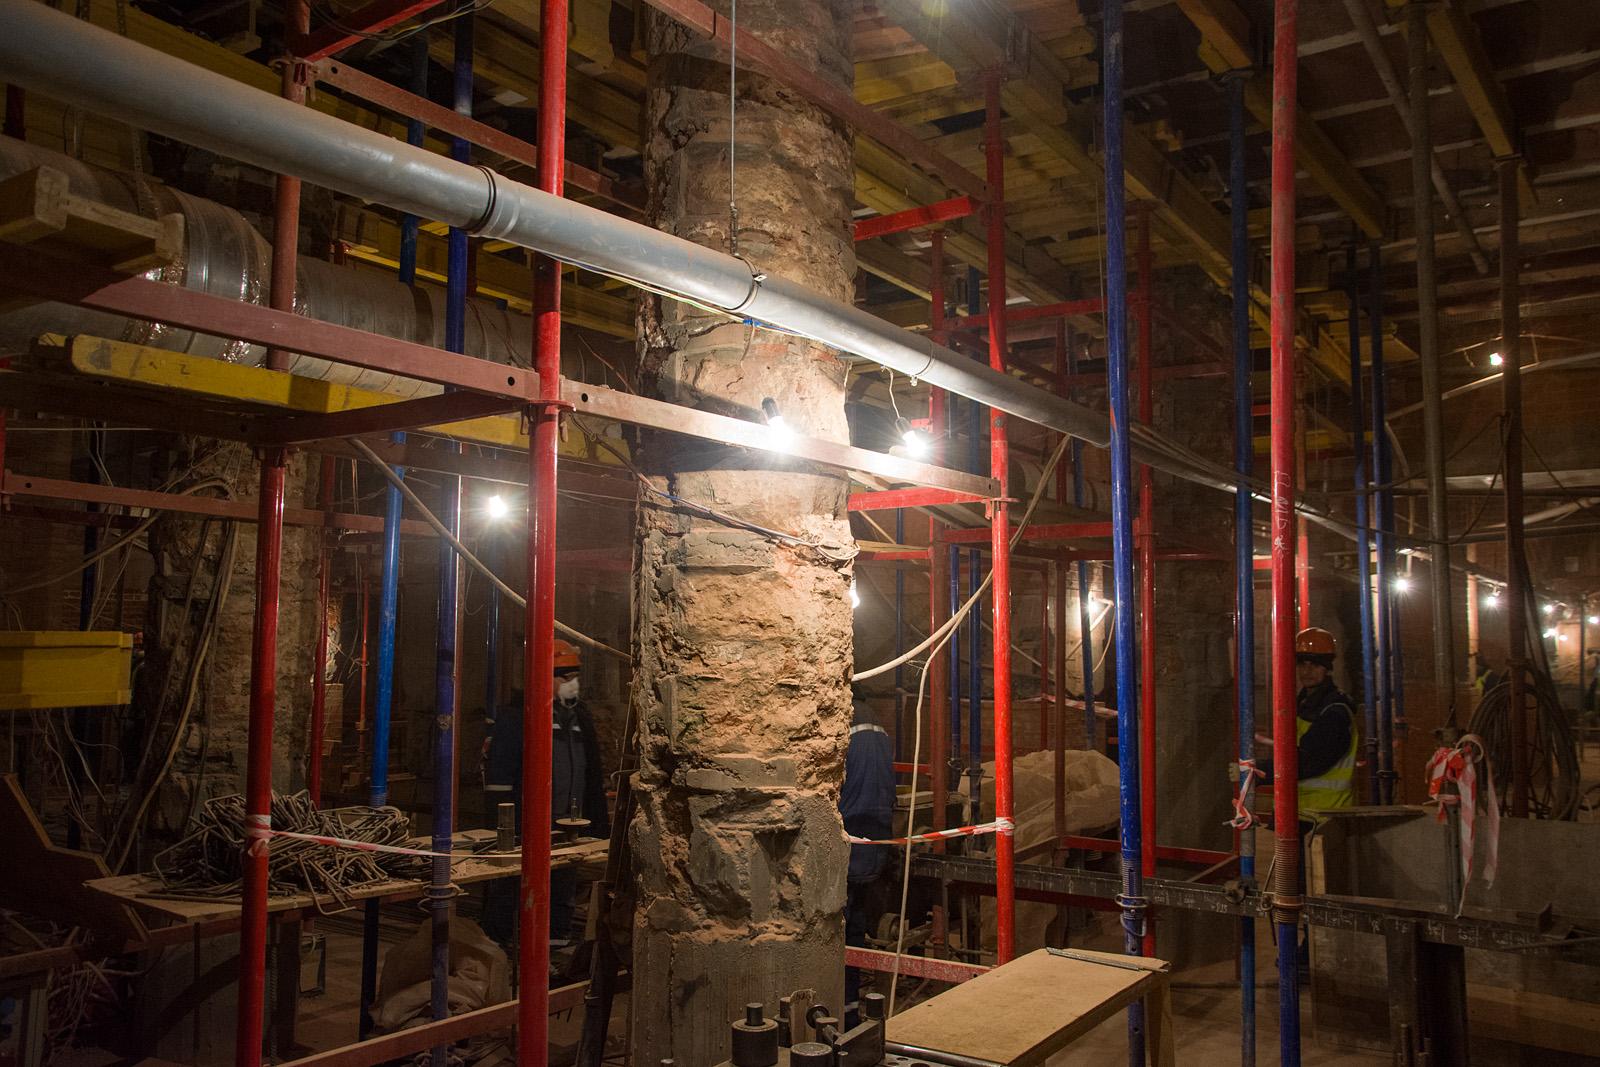 Как идёт реконструкция Политехнического музея? Часть 1 - 21